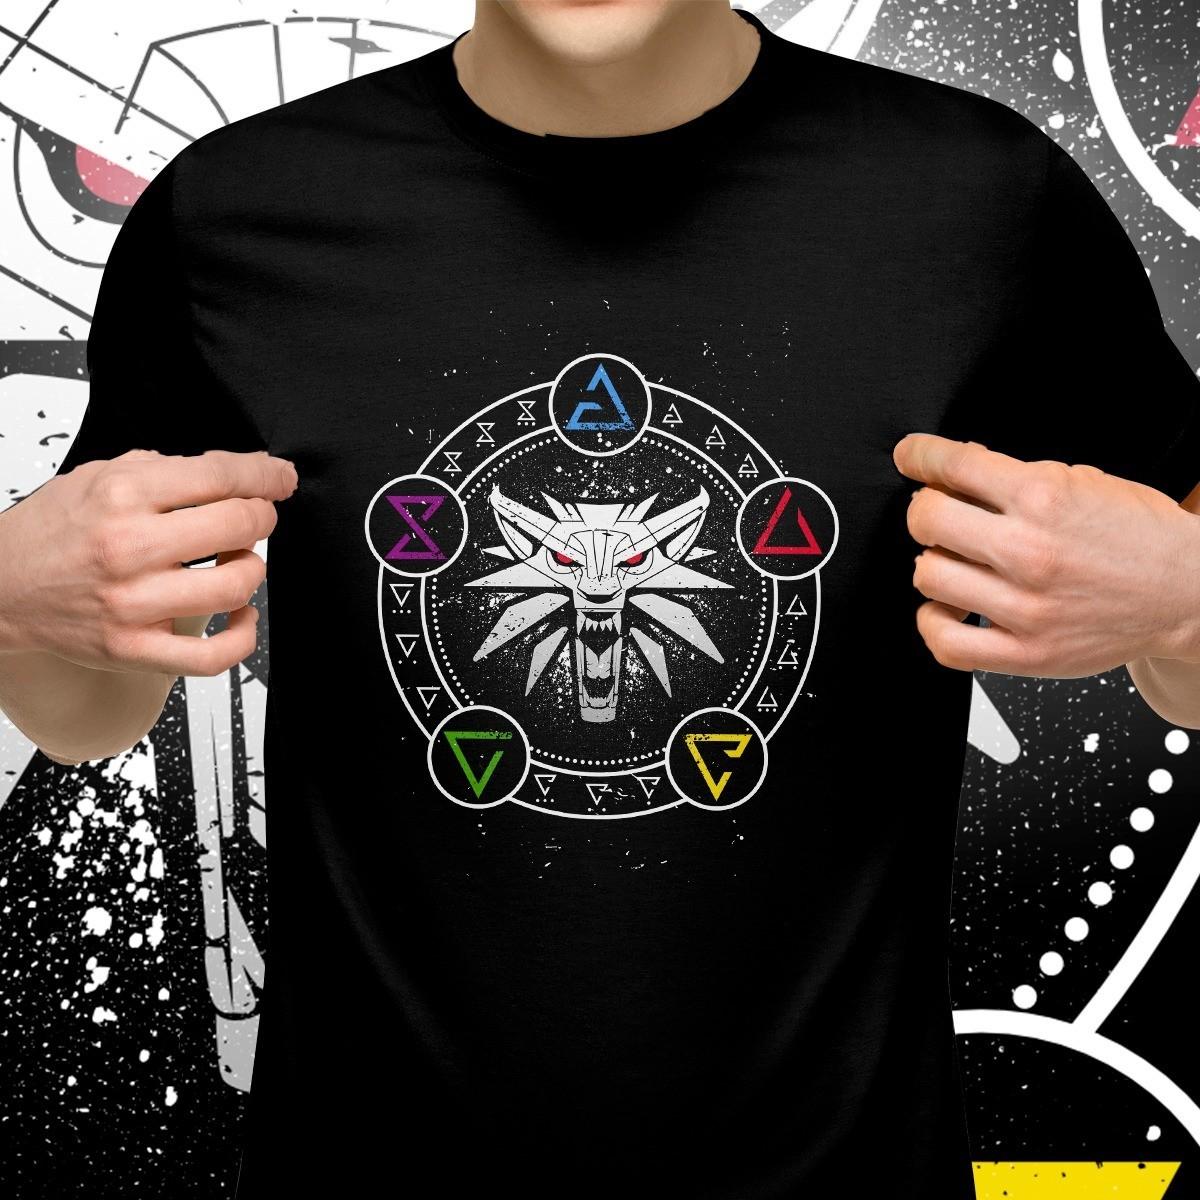 Camiseta Unissex Sinais De Bruxo: The Witcher Tamanho 16